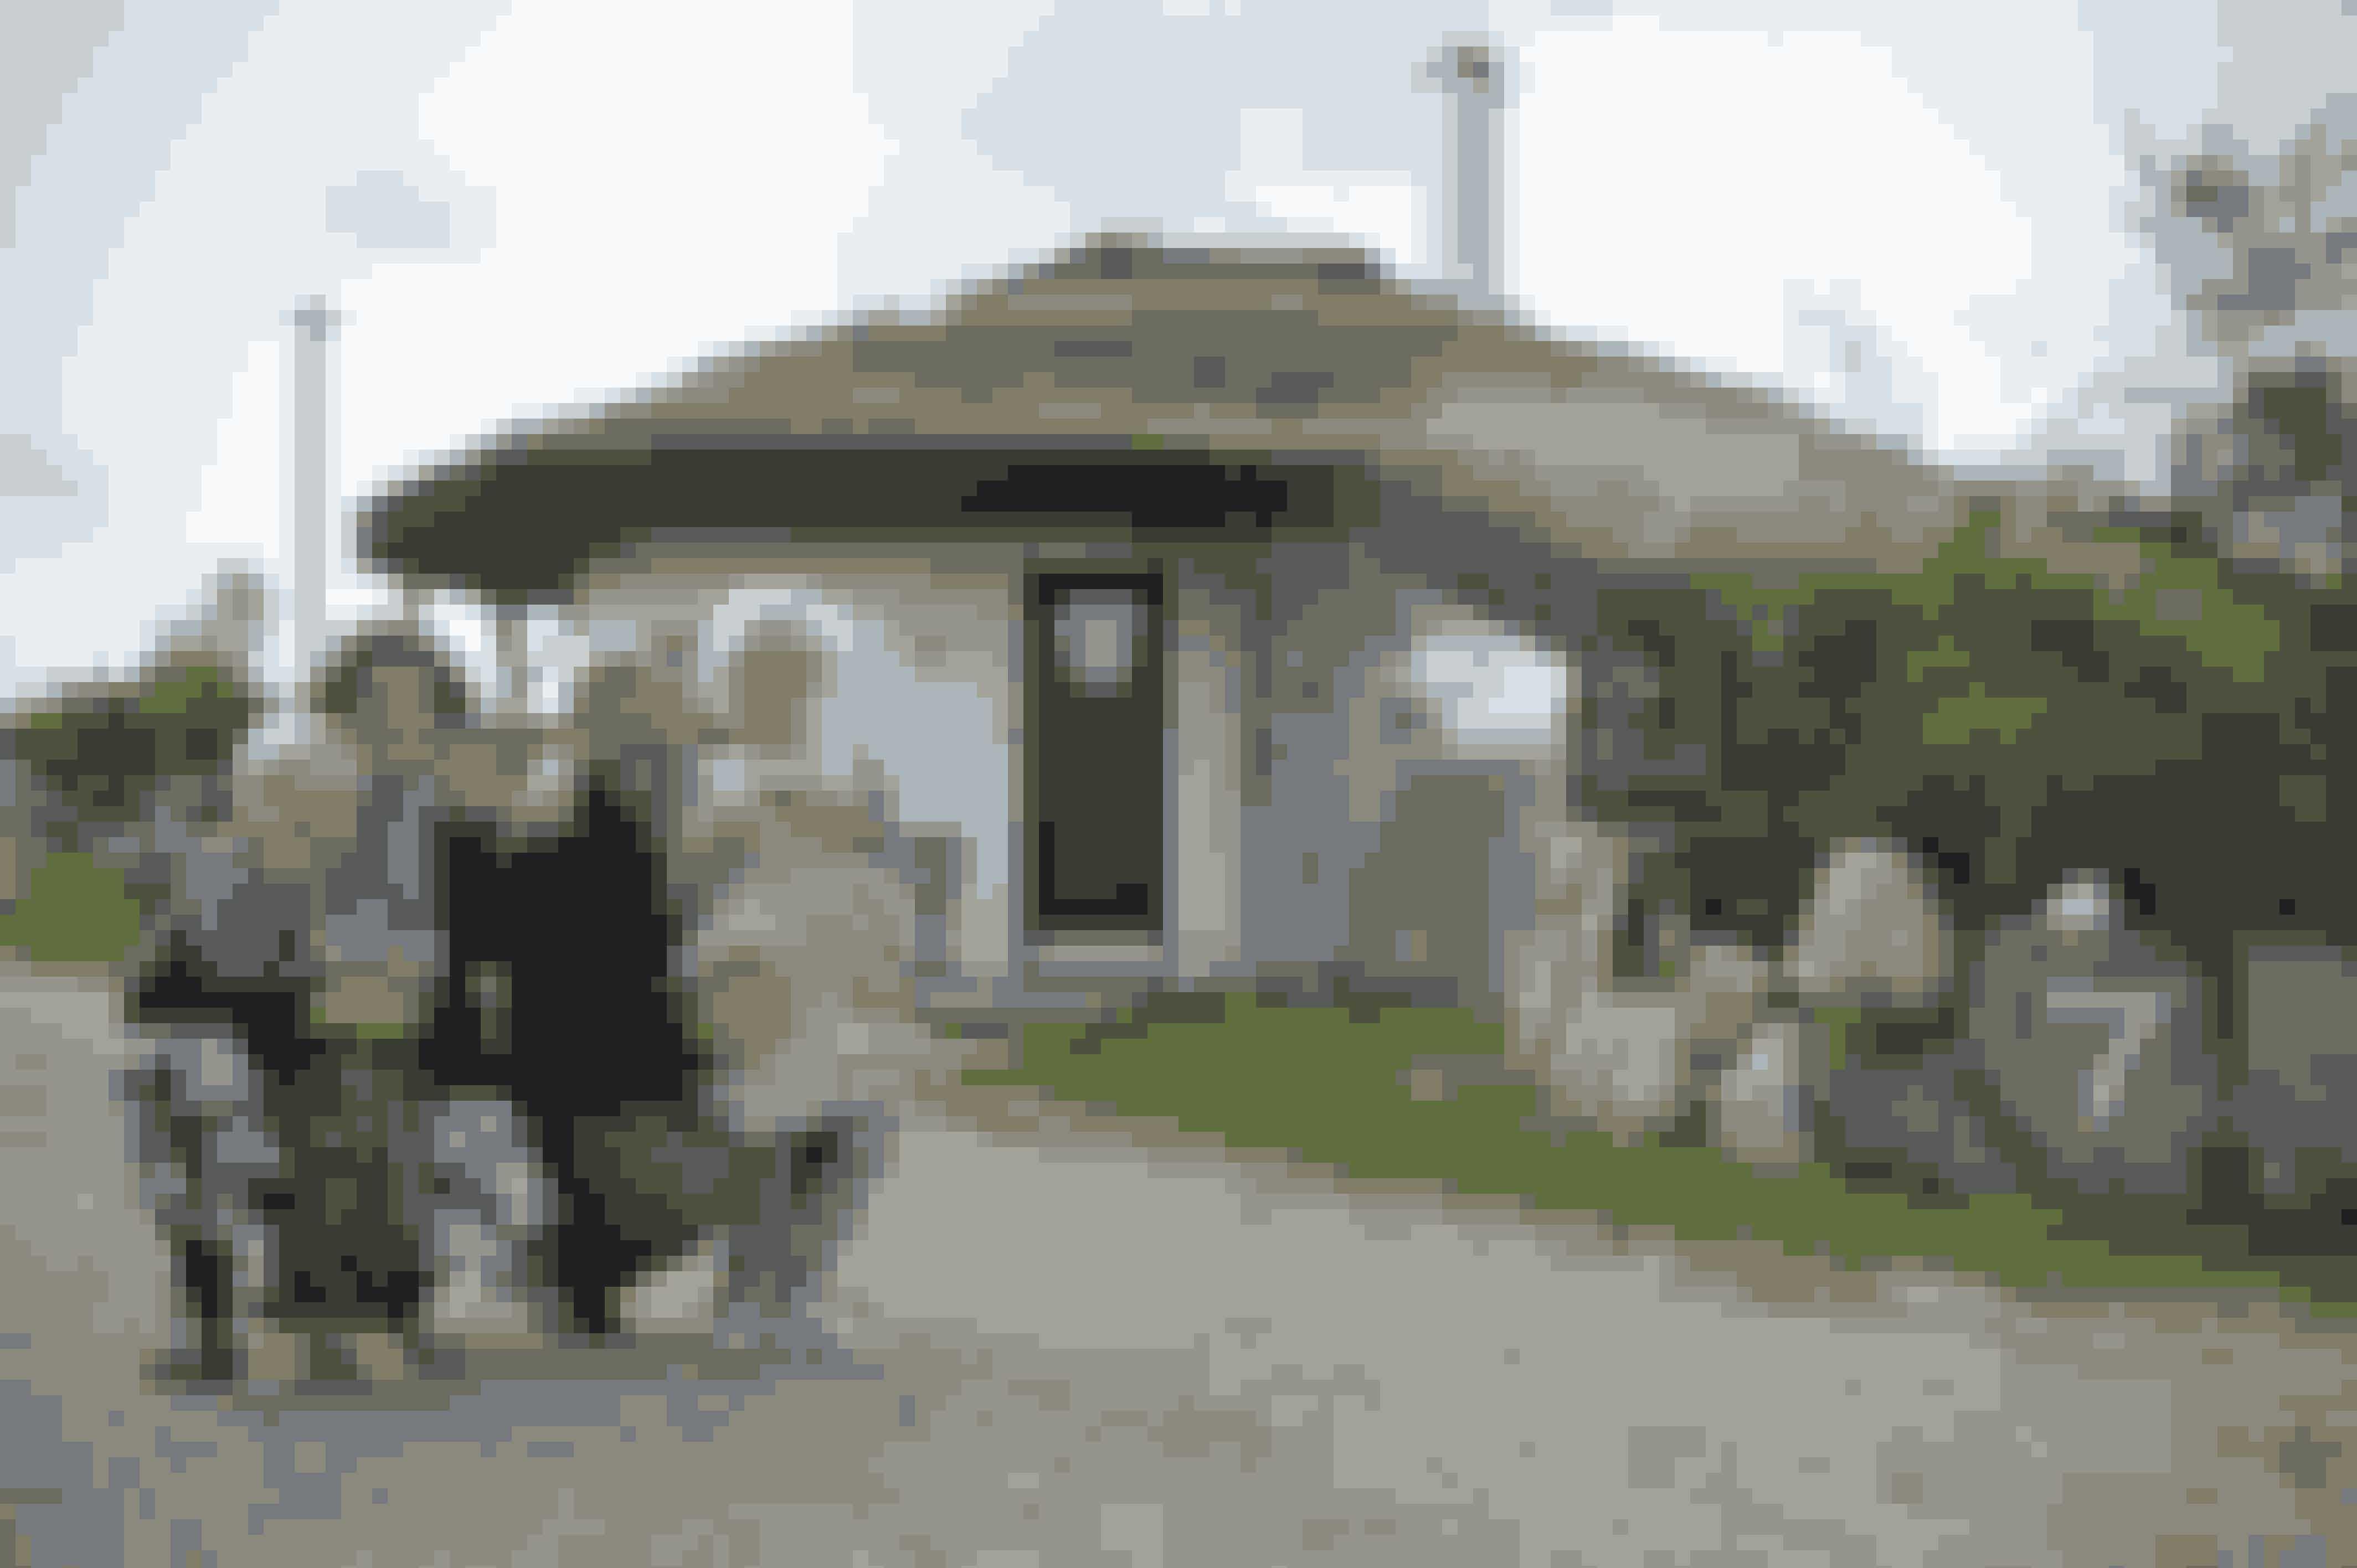 Familien foran deres hus - nr. 7 i Fri og fro.